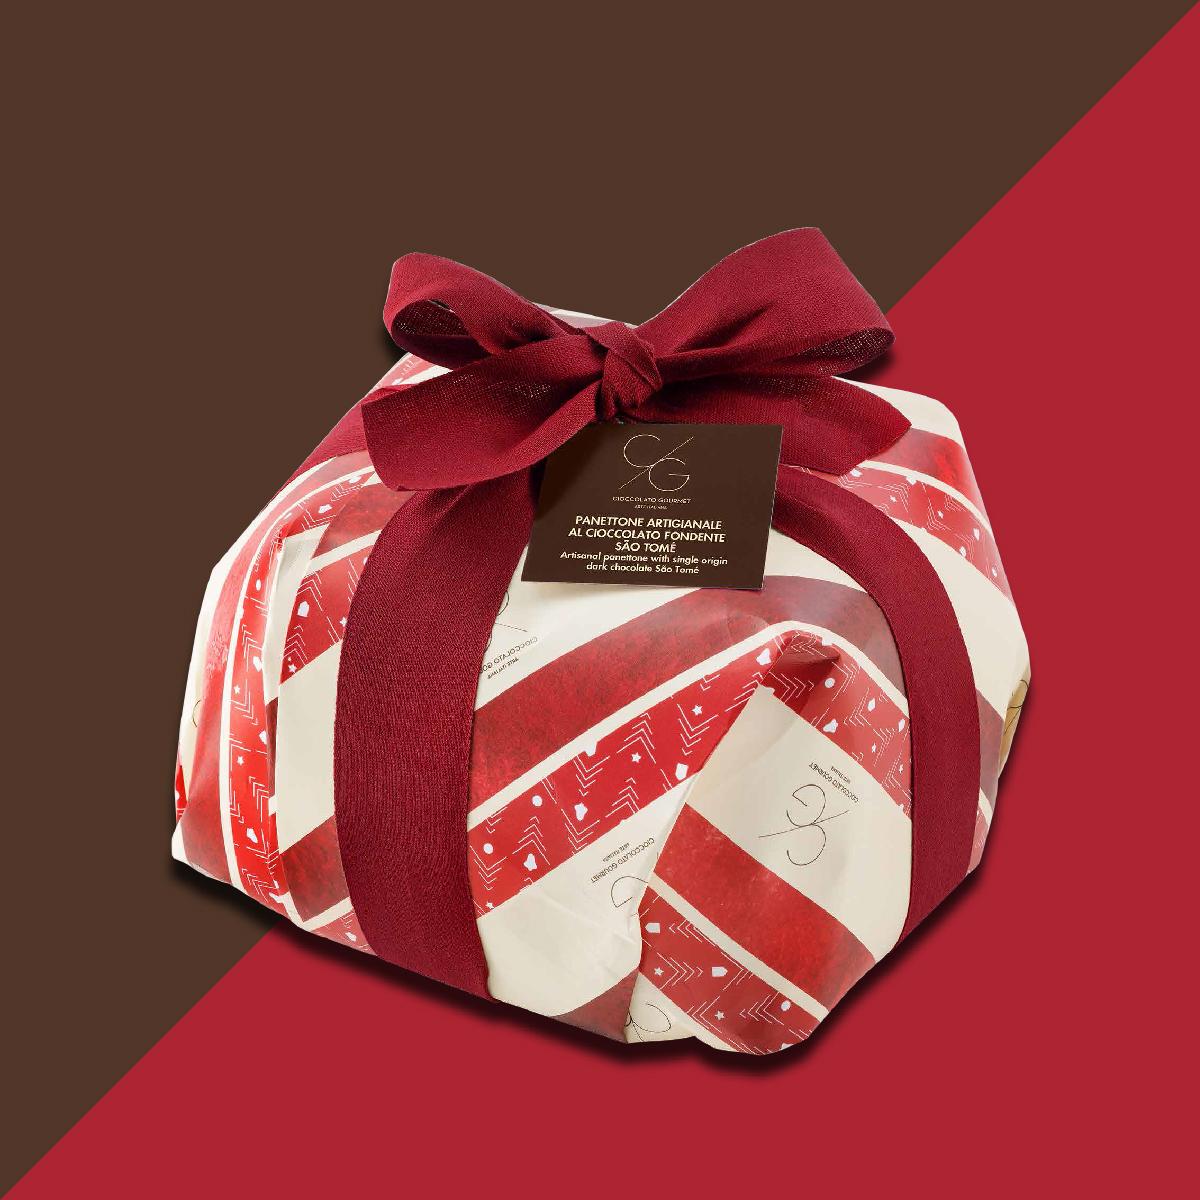 Artisanal panettone with single origin dark chocolate